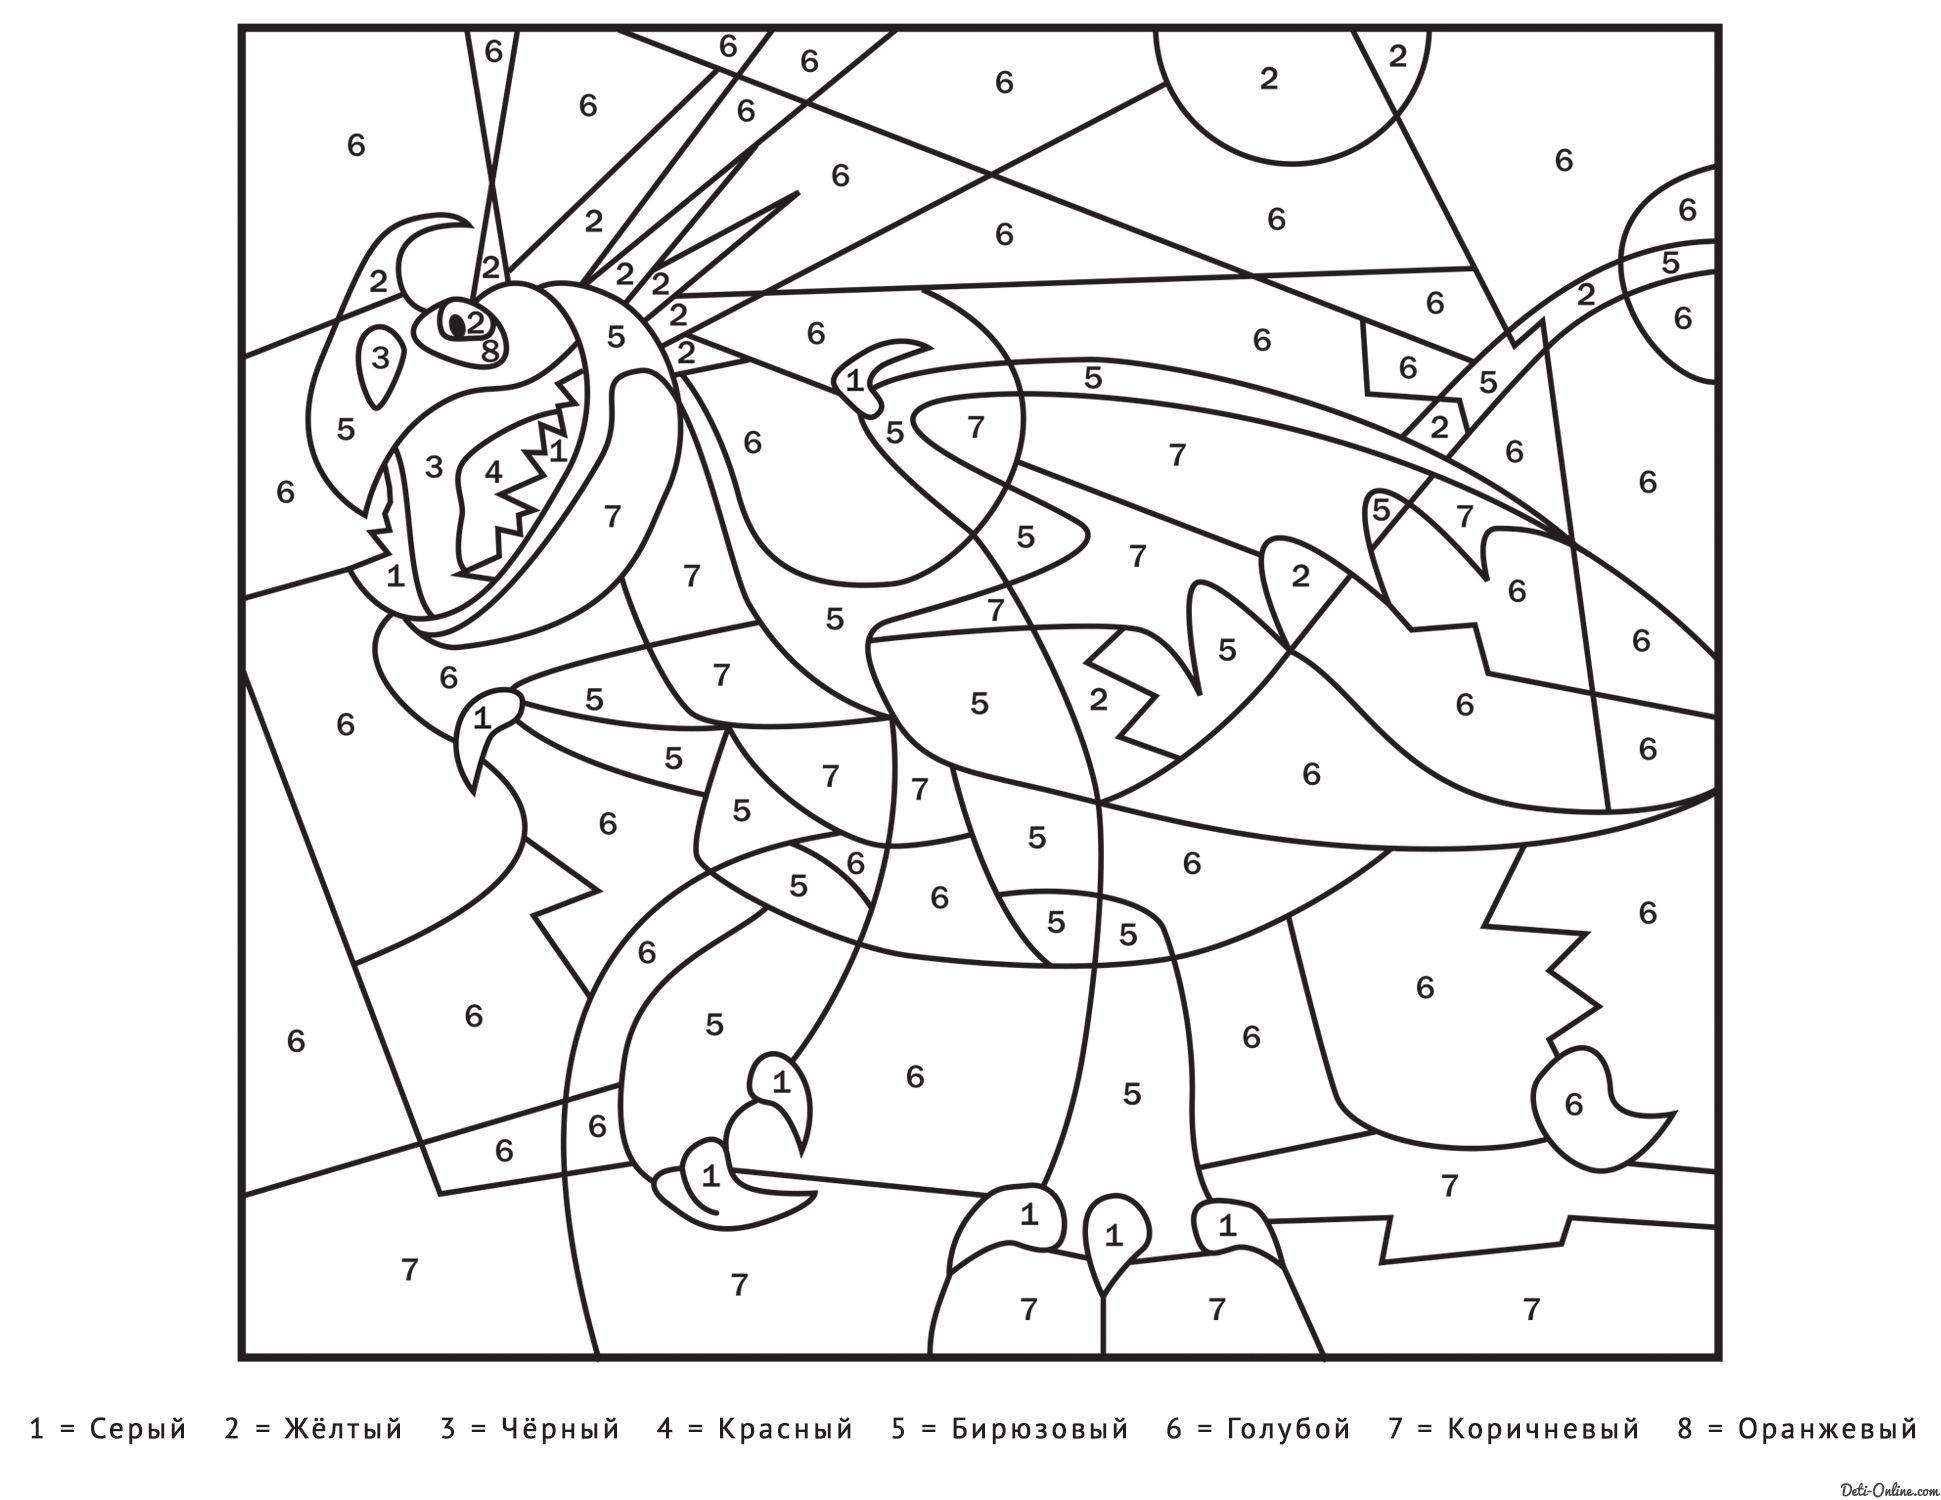 Раскраска Громгильда по цифрам | Раскраски, Раскраска по ...